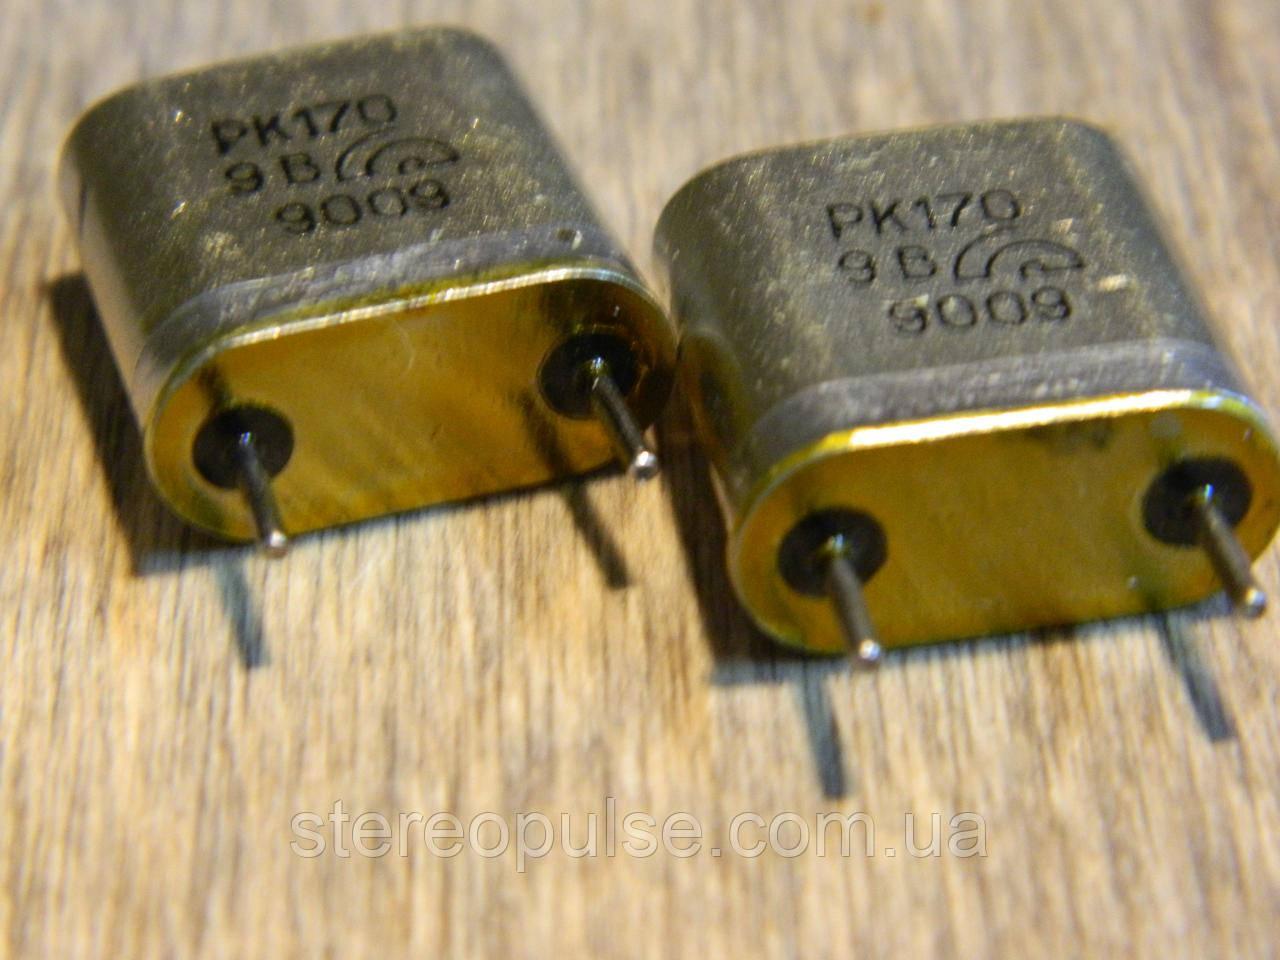 Кварцевый резонатор 4096 кГц